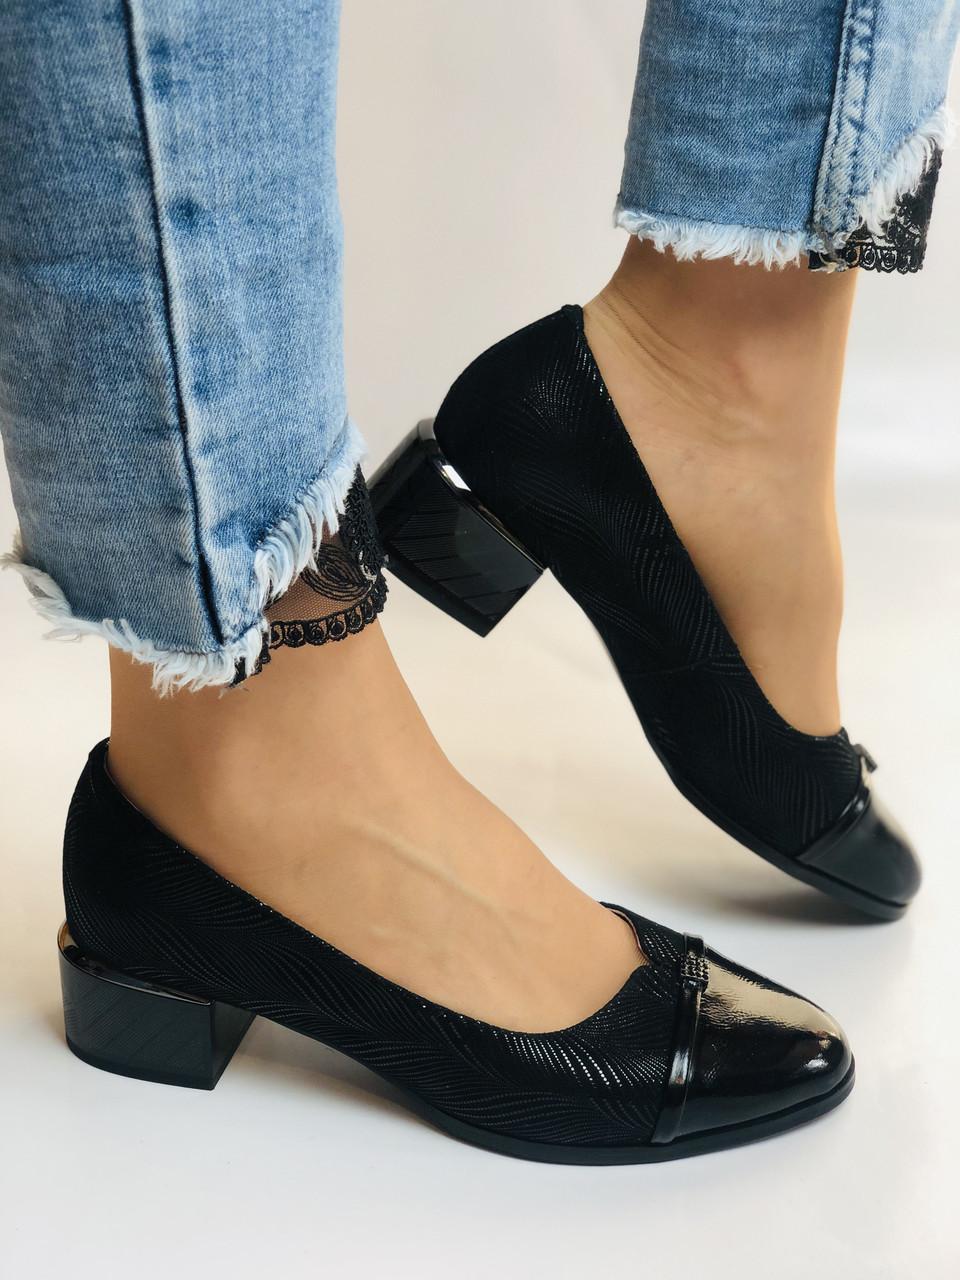 Жіночі модельні туфлі-човники високої якості.Polann Натуральна замша. Чорний Супер комфорт. 36, 38, 40